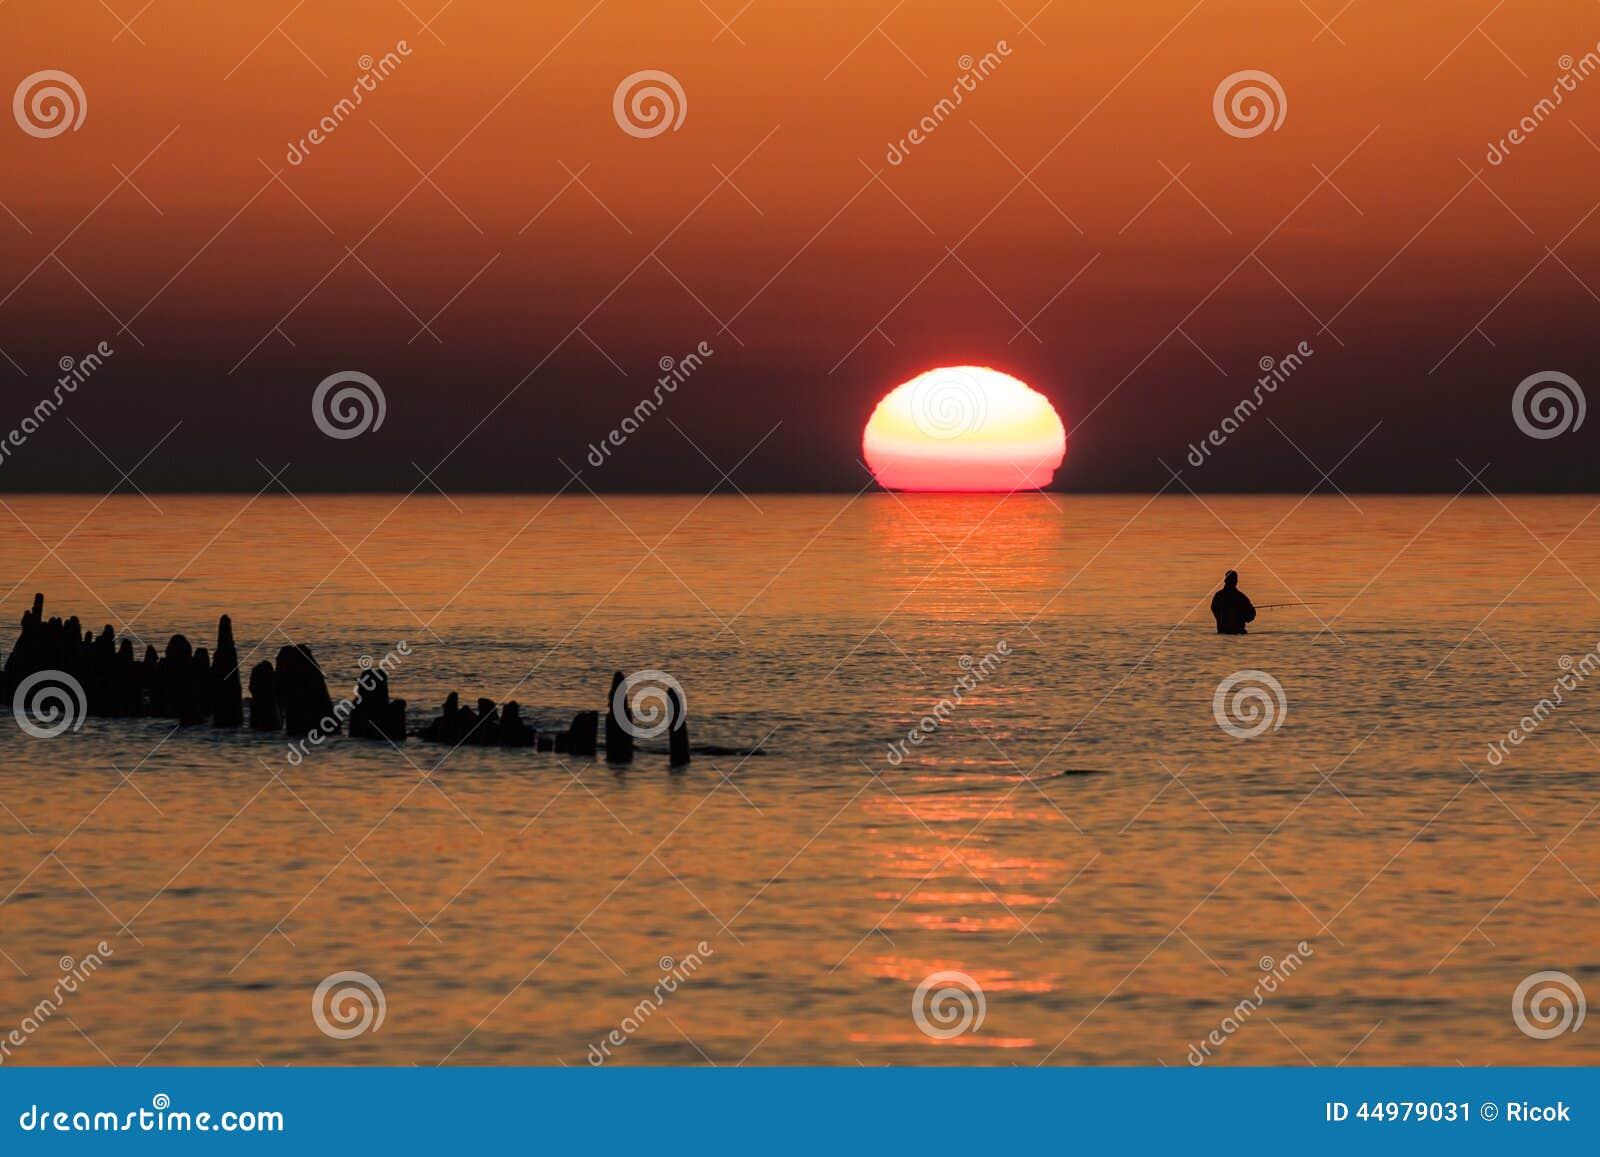 Angler on the Baltic Sea coast